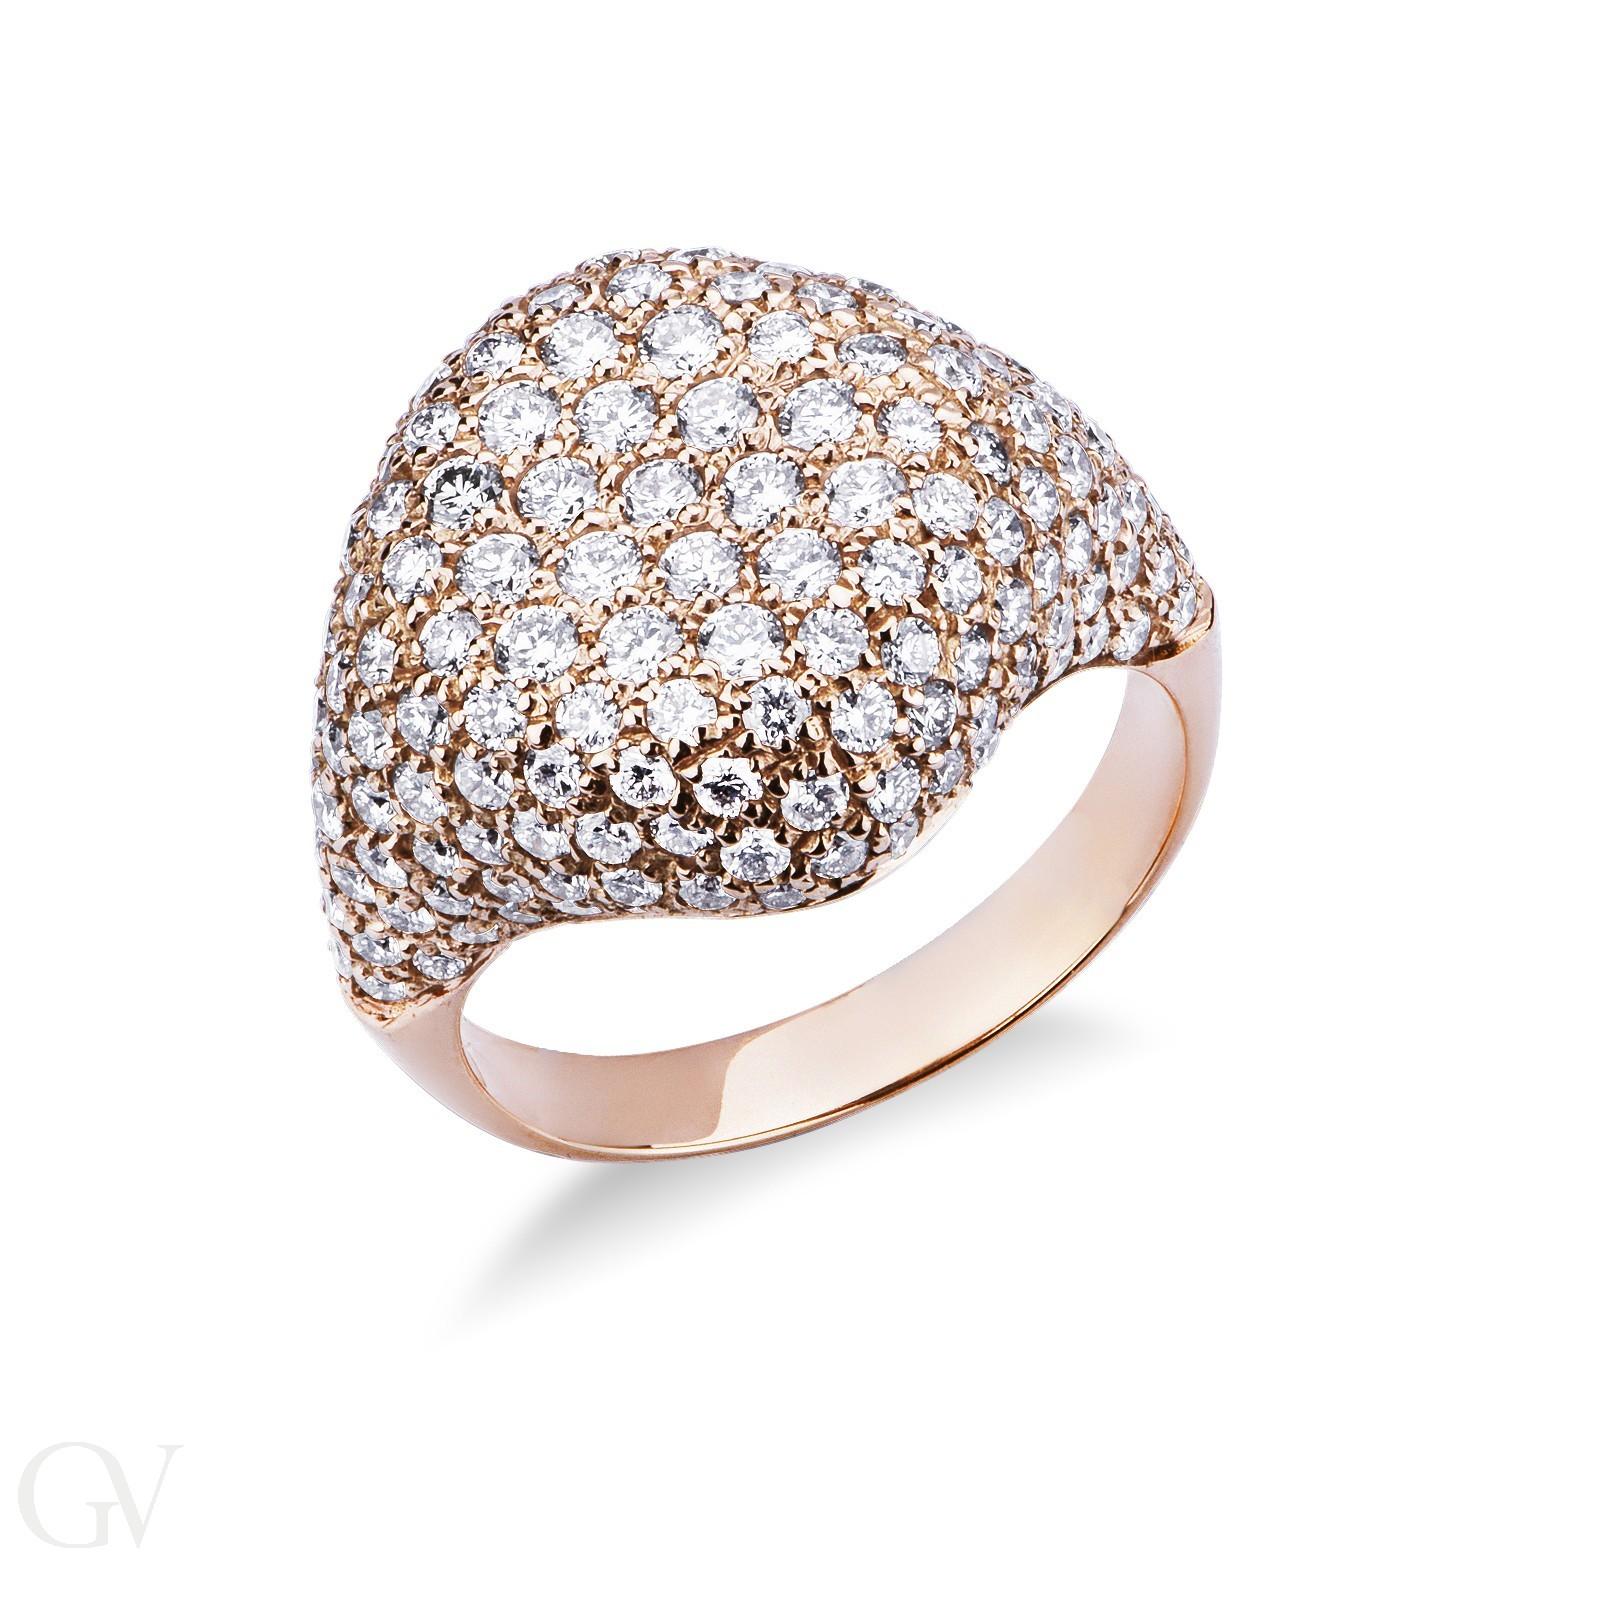 Anello in oro rosa 18k con pavè in diamanti.